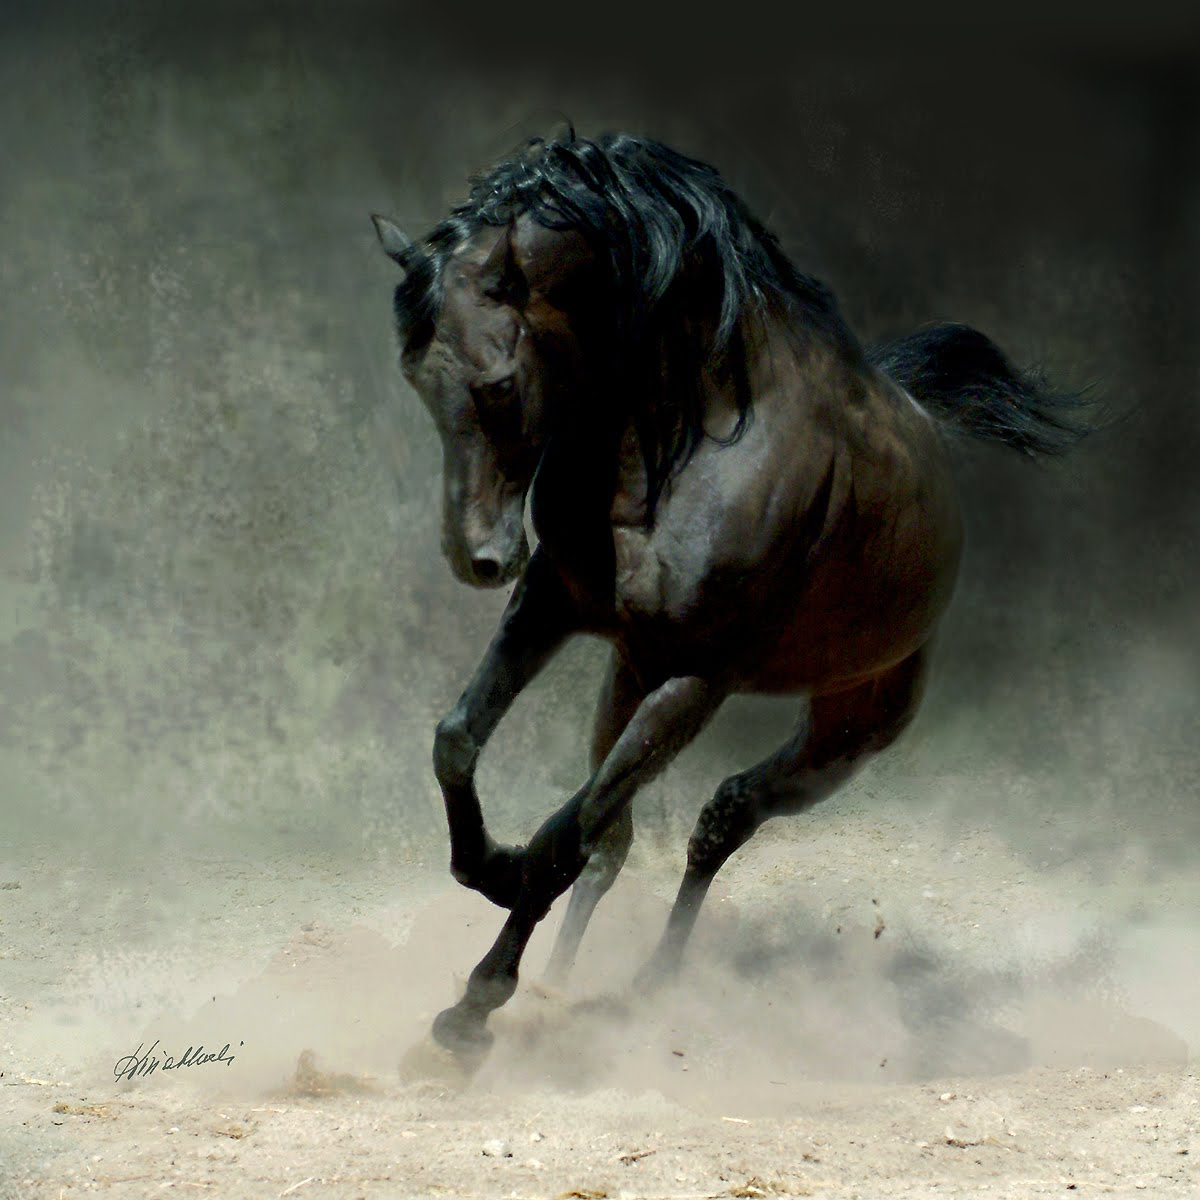 Amazing Dark Horse Running | Okay Wallpaper